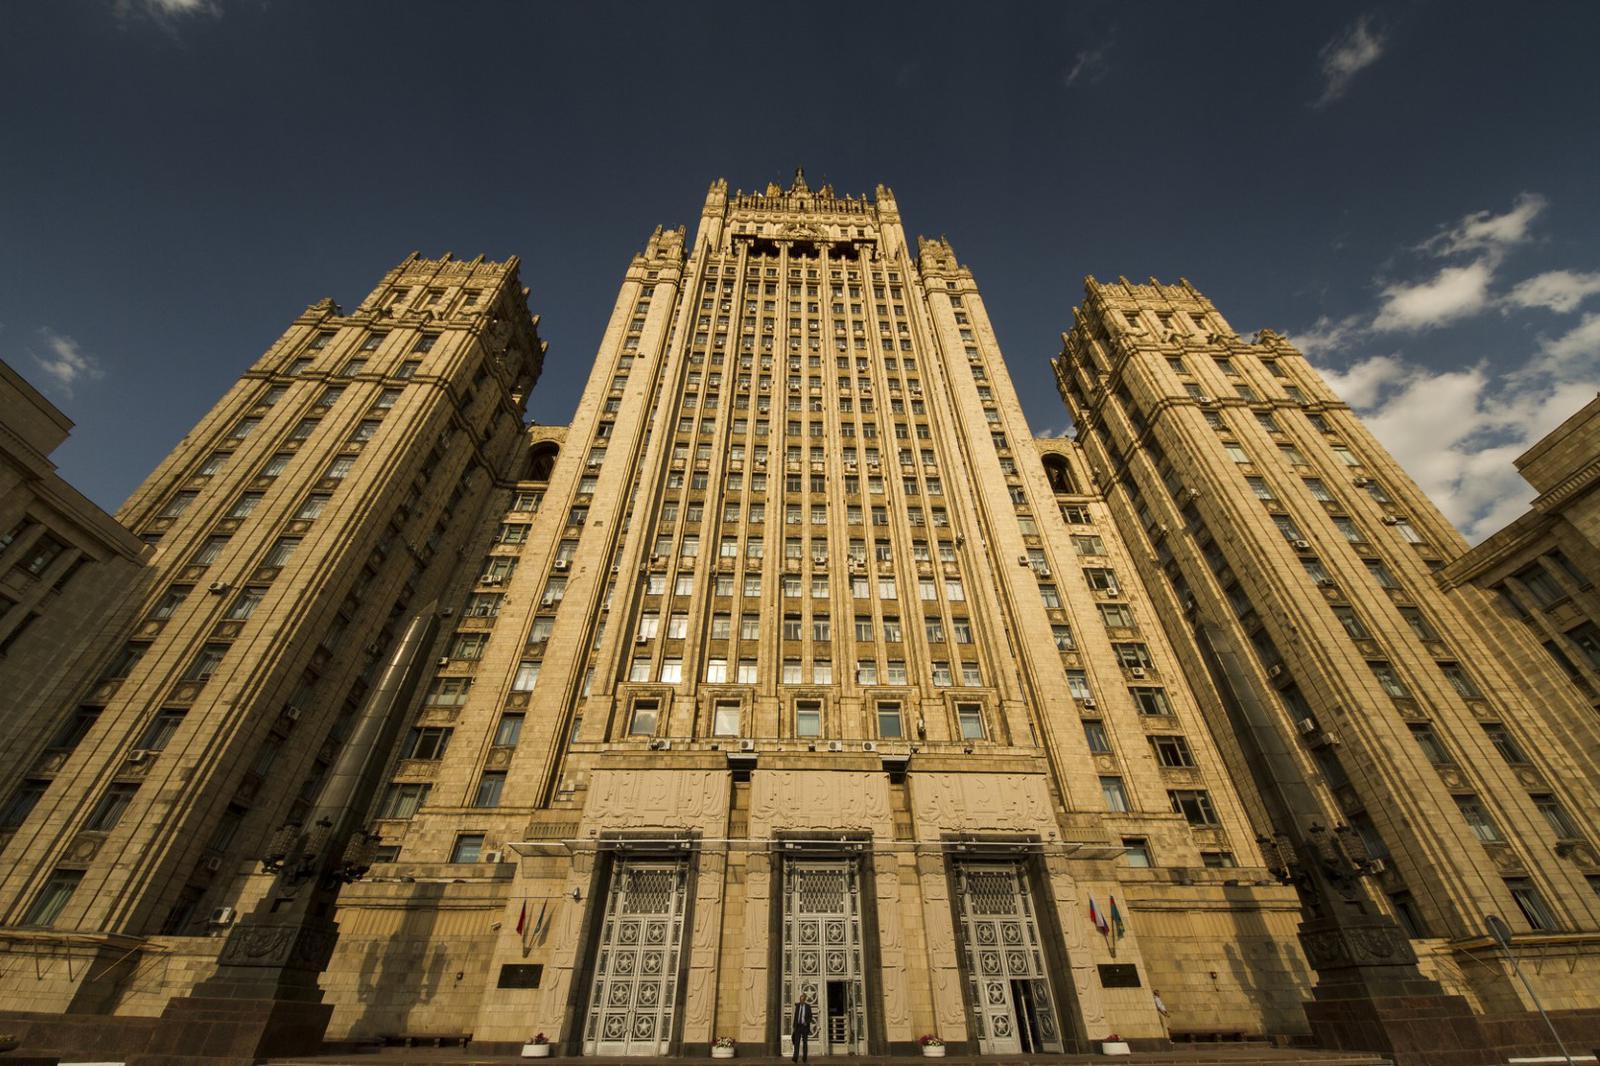 Stalin skyscraper